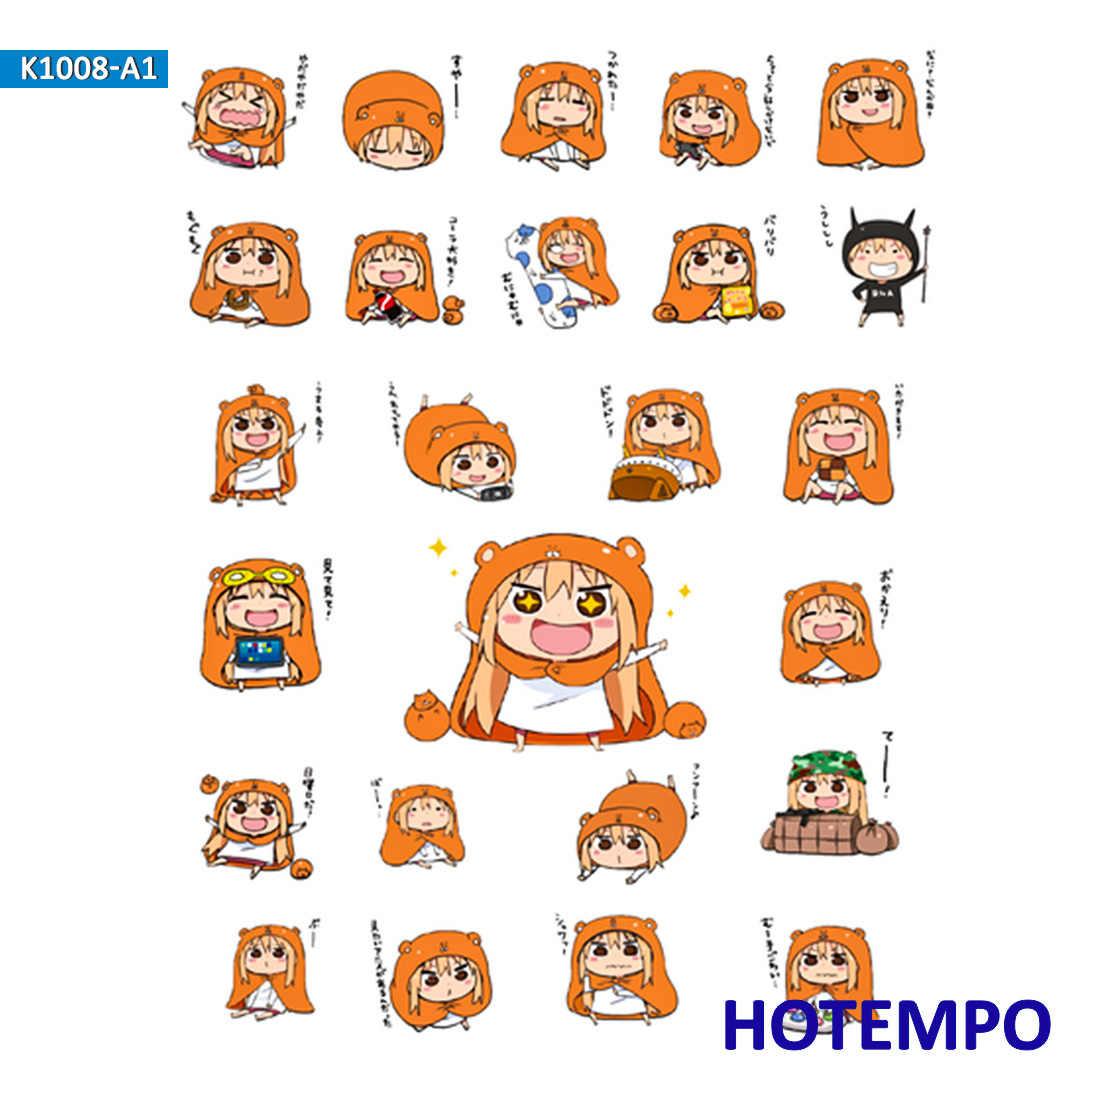 Anime himouto umaru-chan adesivos para menina crianças presente diy carta diário scrapbooking papelaria pegatinas adesivos